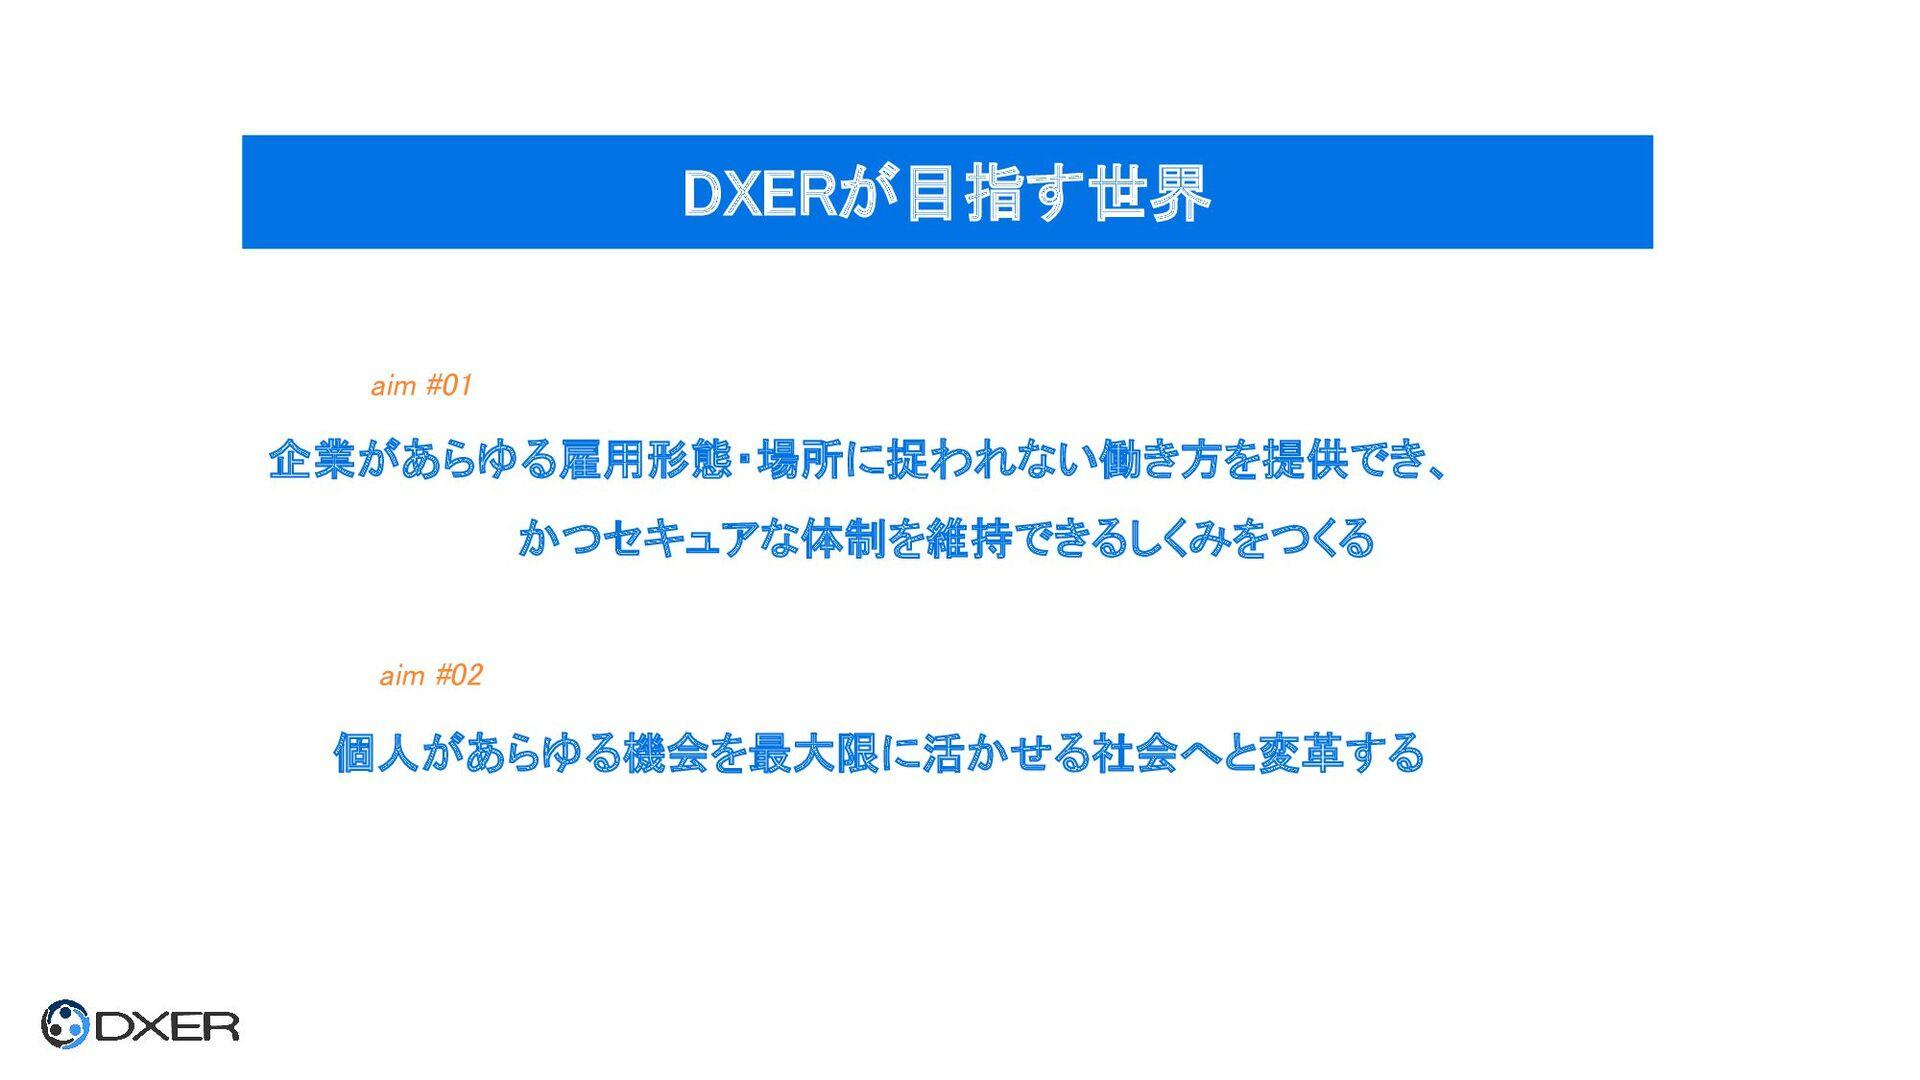 DXERが目指す世界 企業があらゆる雇用形態・場所に捉われない働き方を提供でき、 かつセキュ...